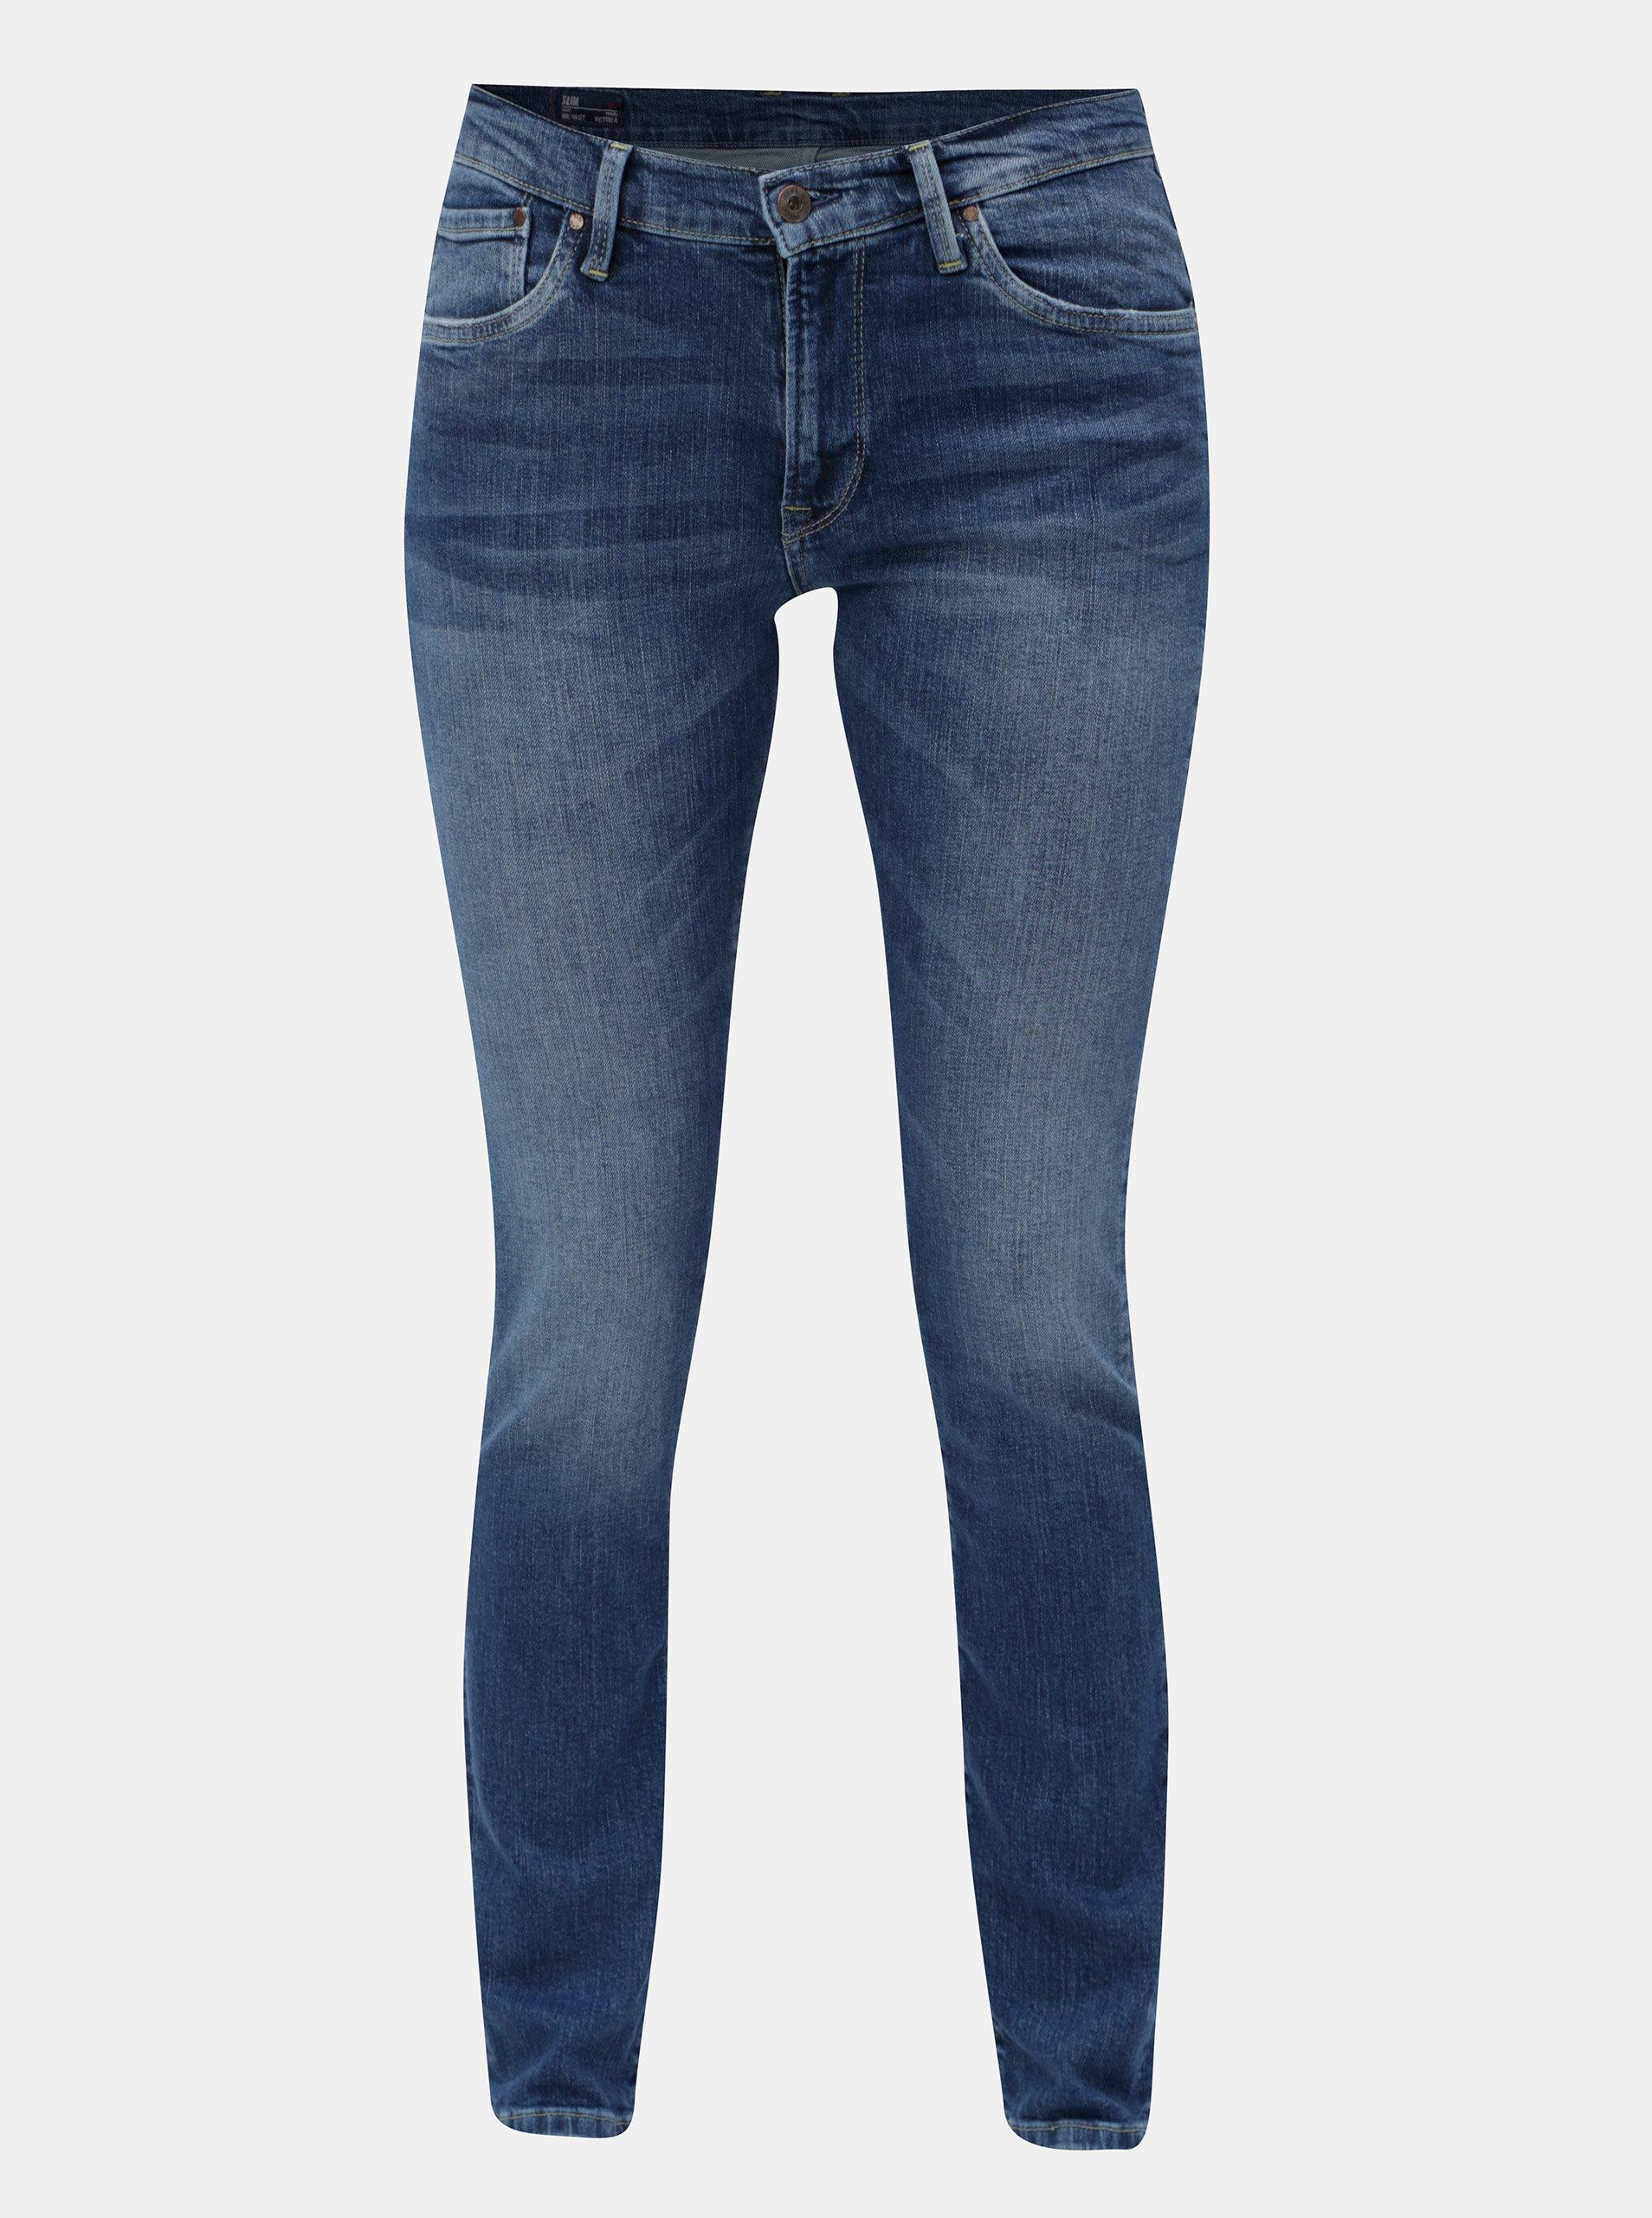 Modré dámské slim džíny Pepe Jeans Victoria ... 2cfe4cc842